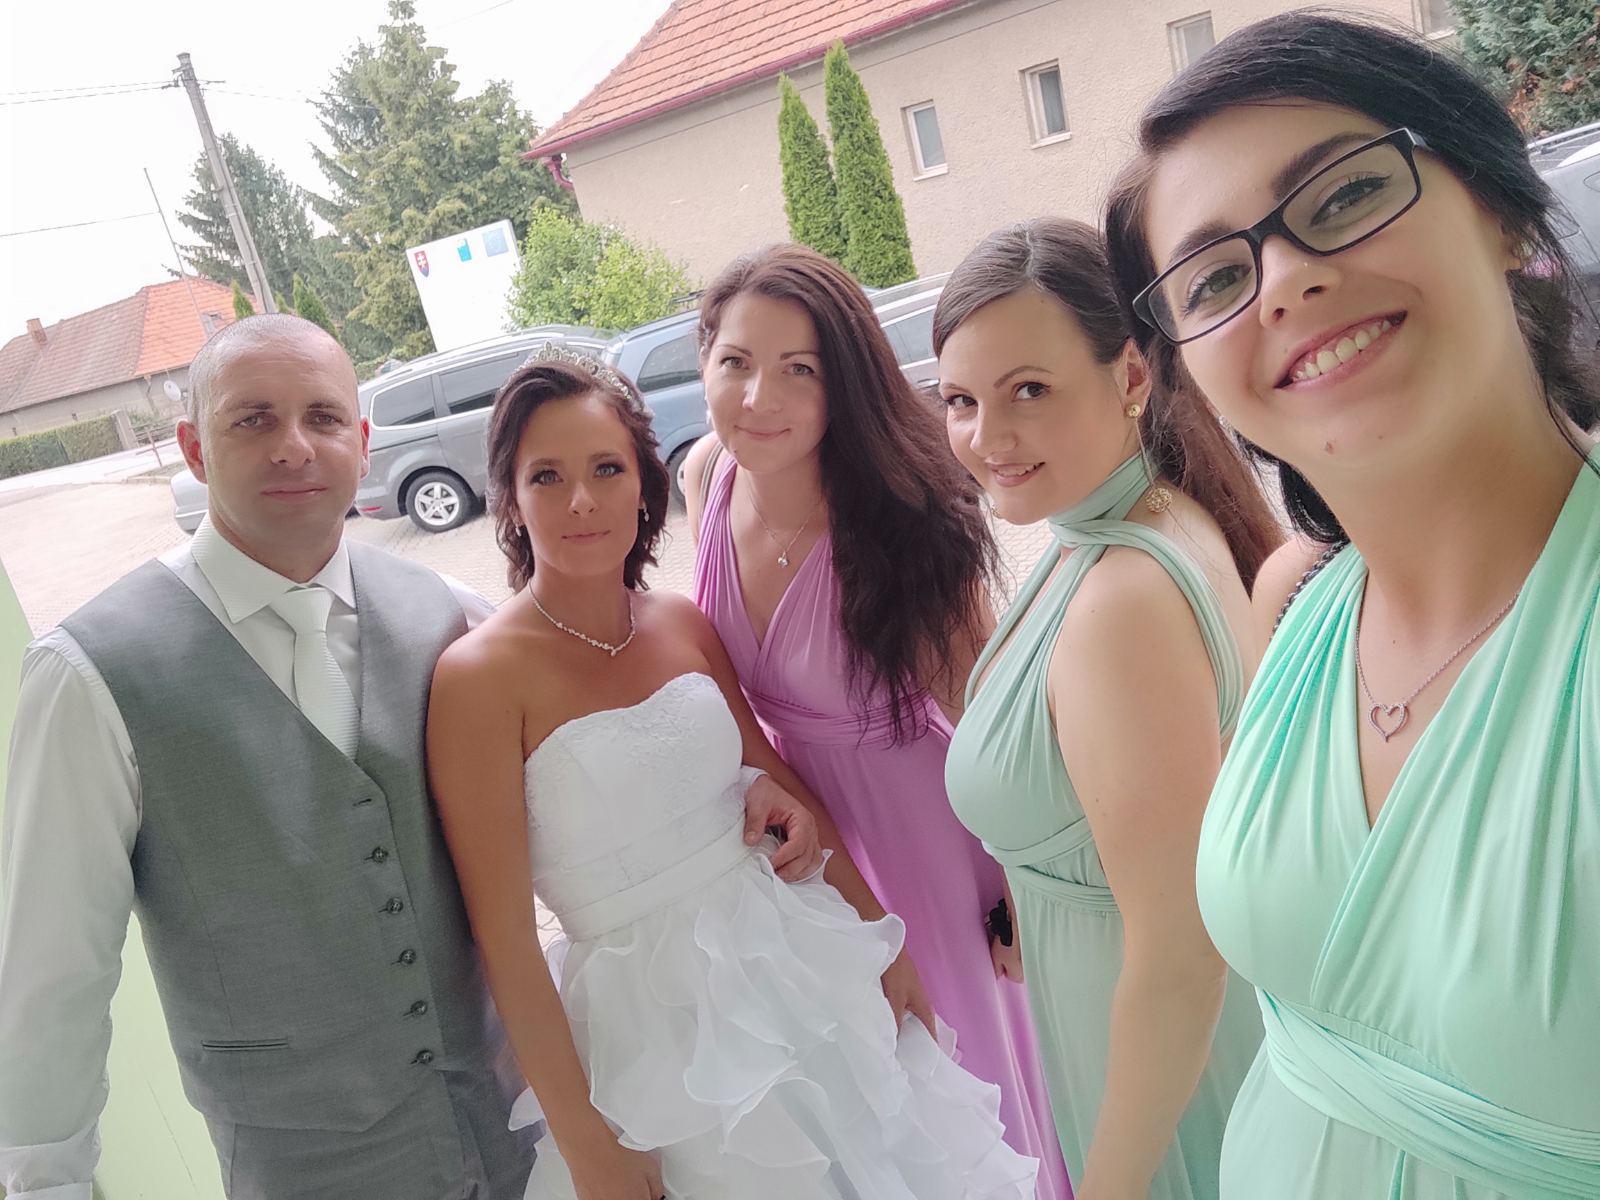 Svadobné selfie - Obrázok č. 3